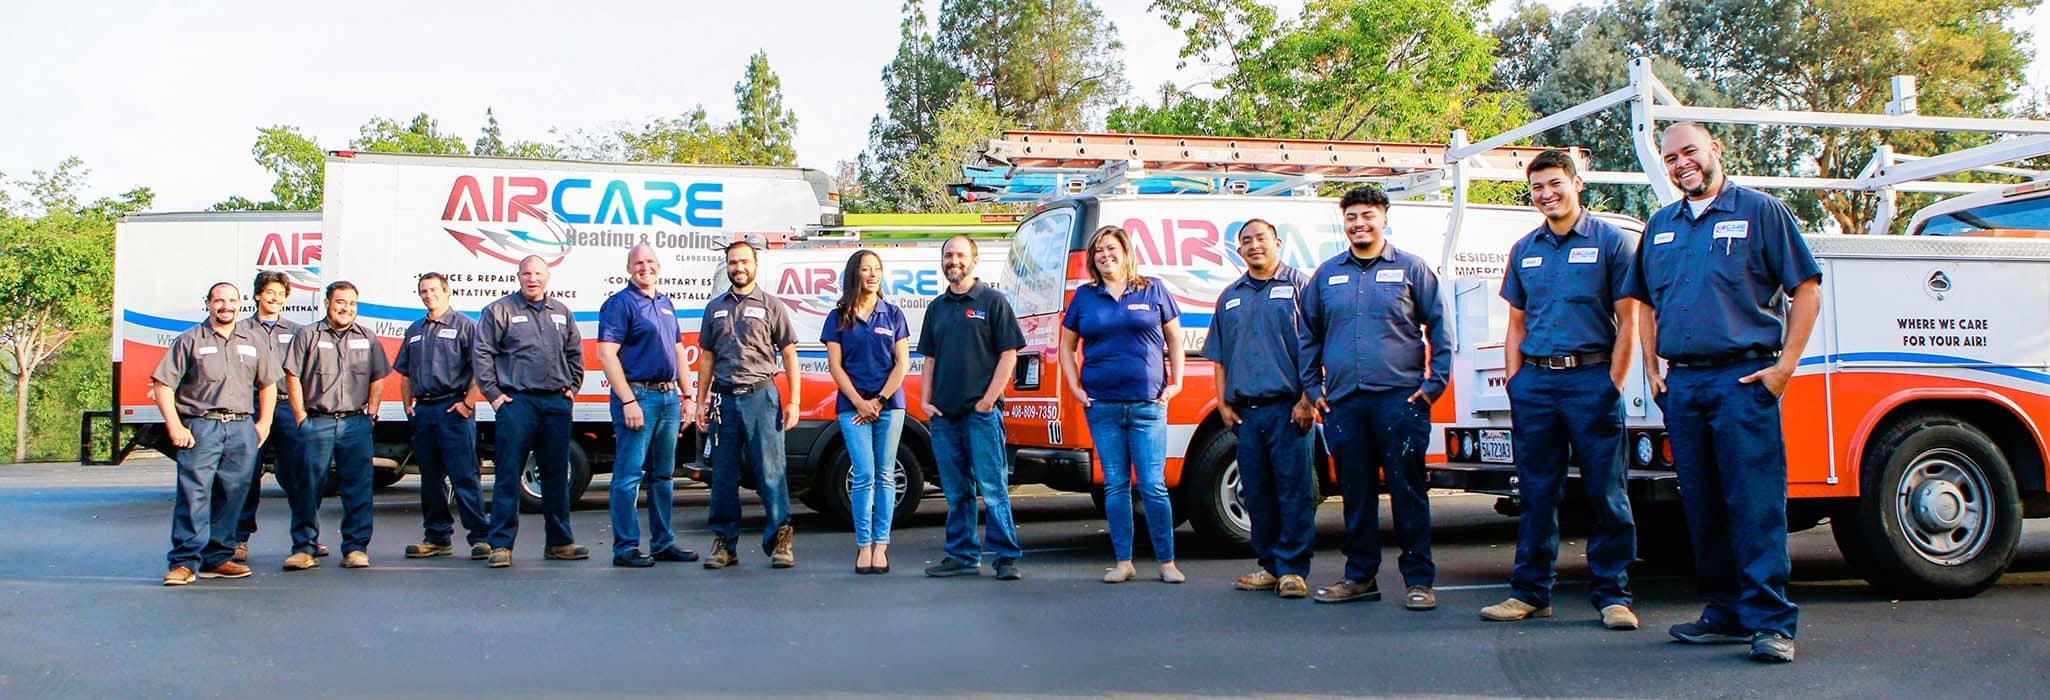 Air Care Team